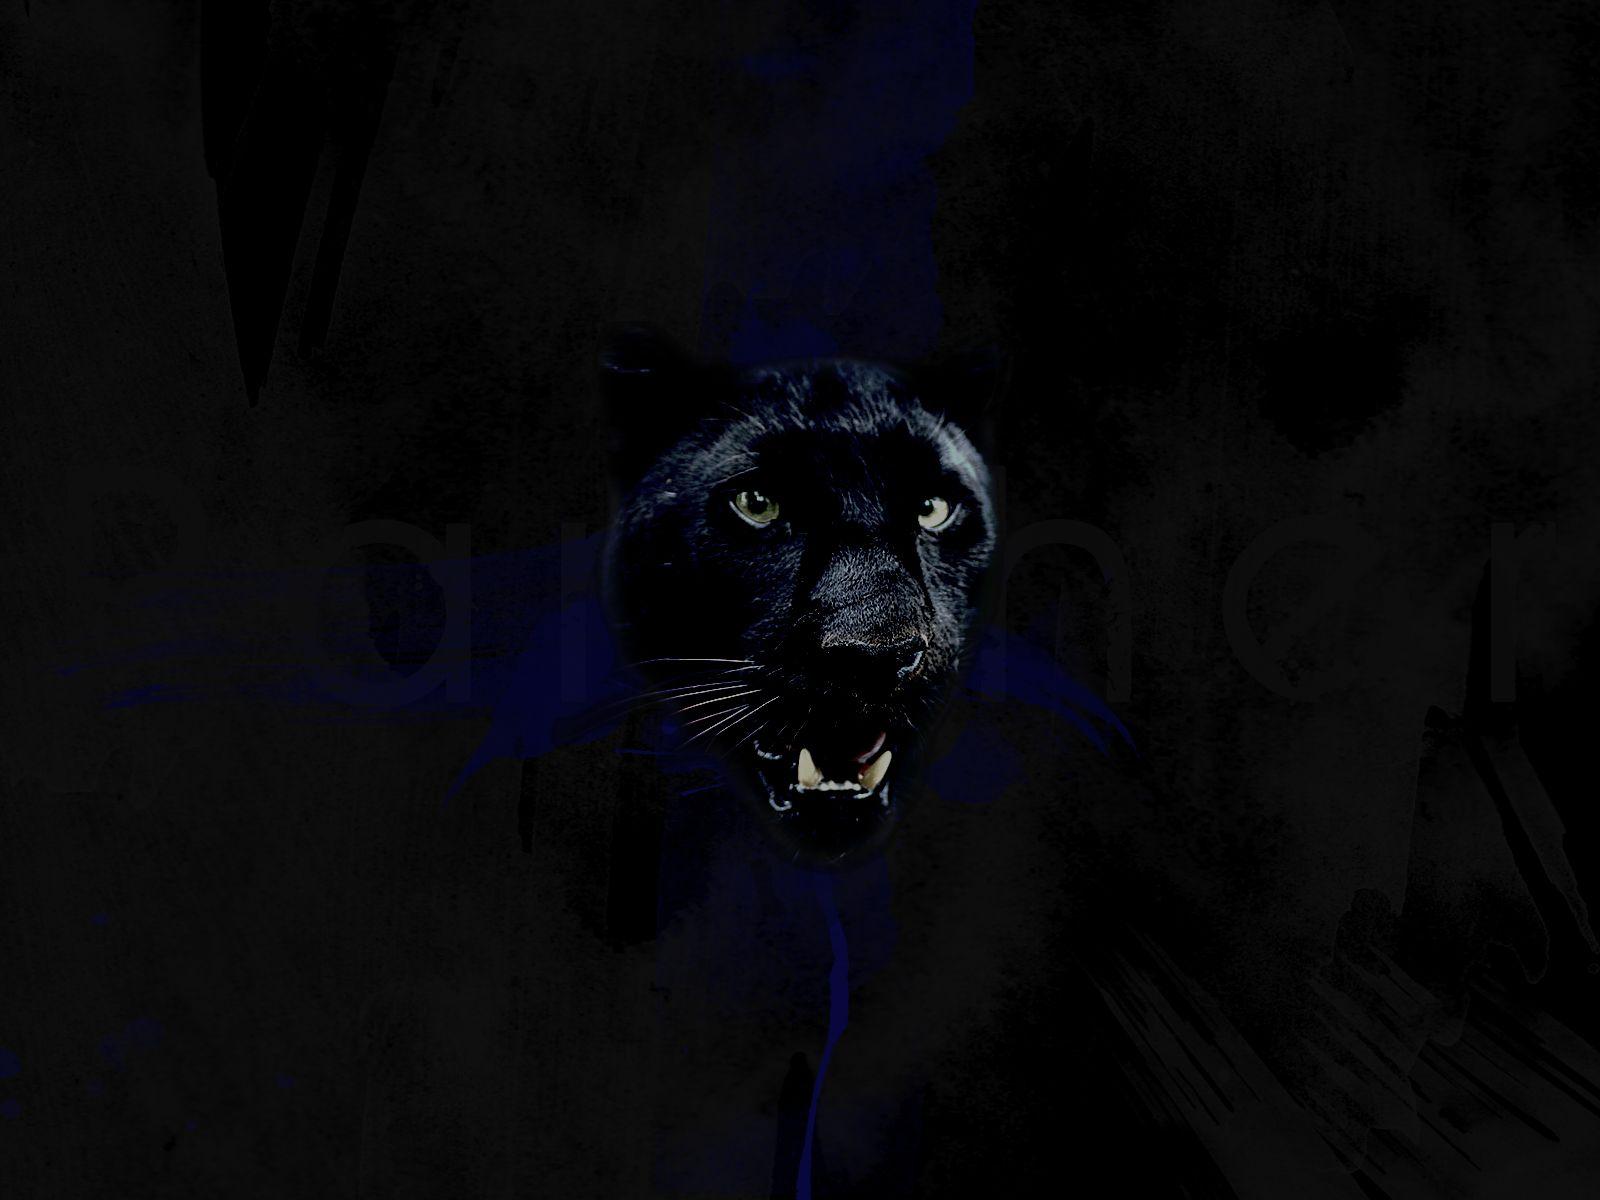 Noir et Jaune Fond D'écran Fond D'écran Panthere Noire